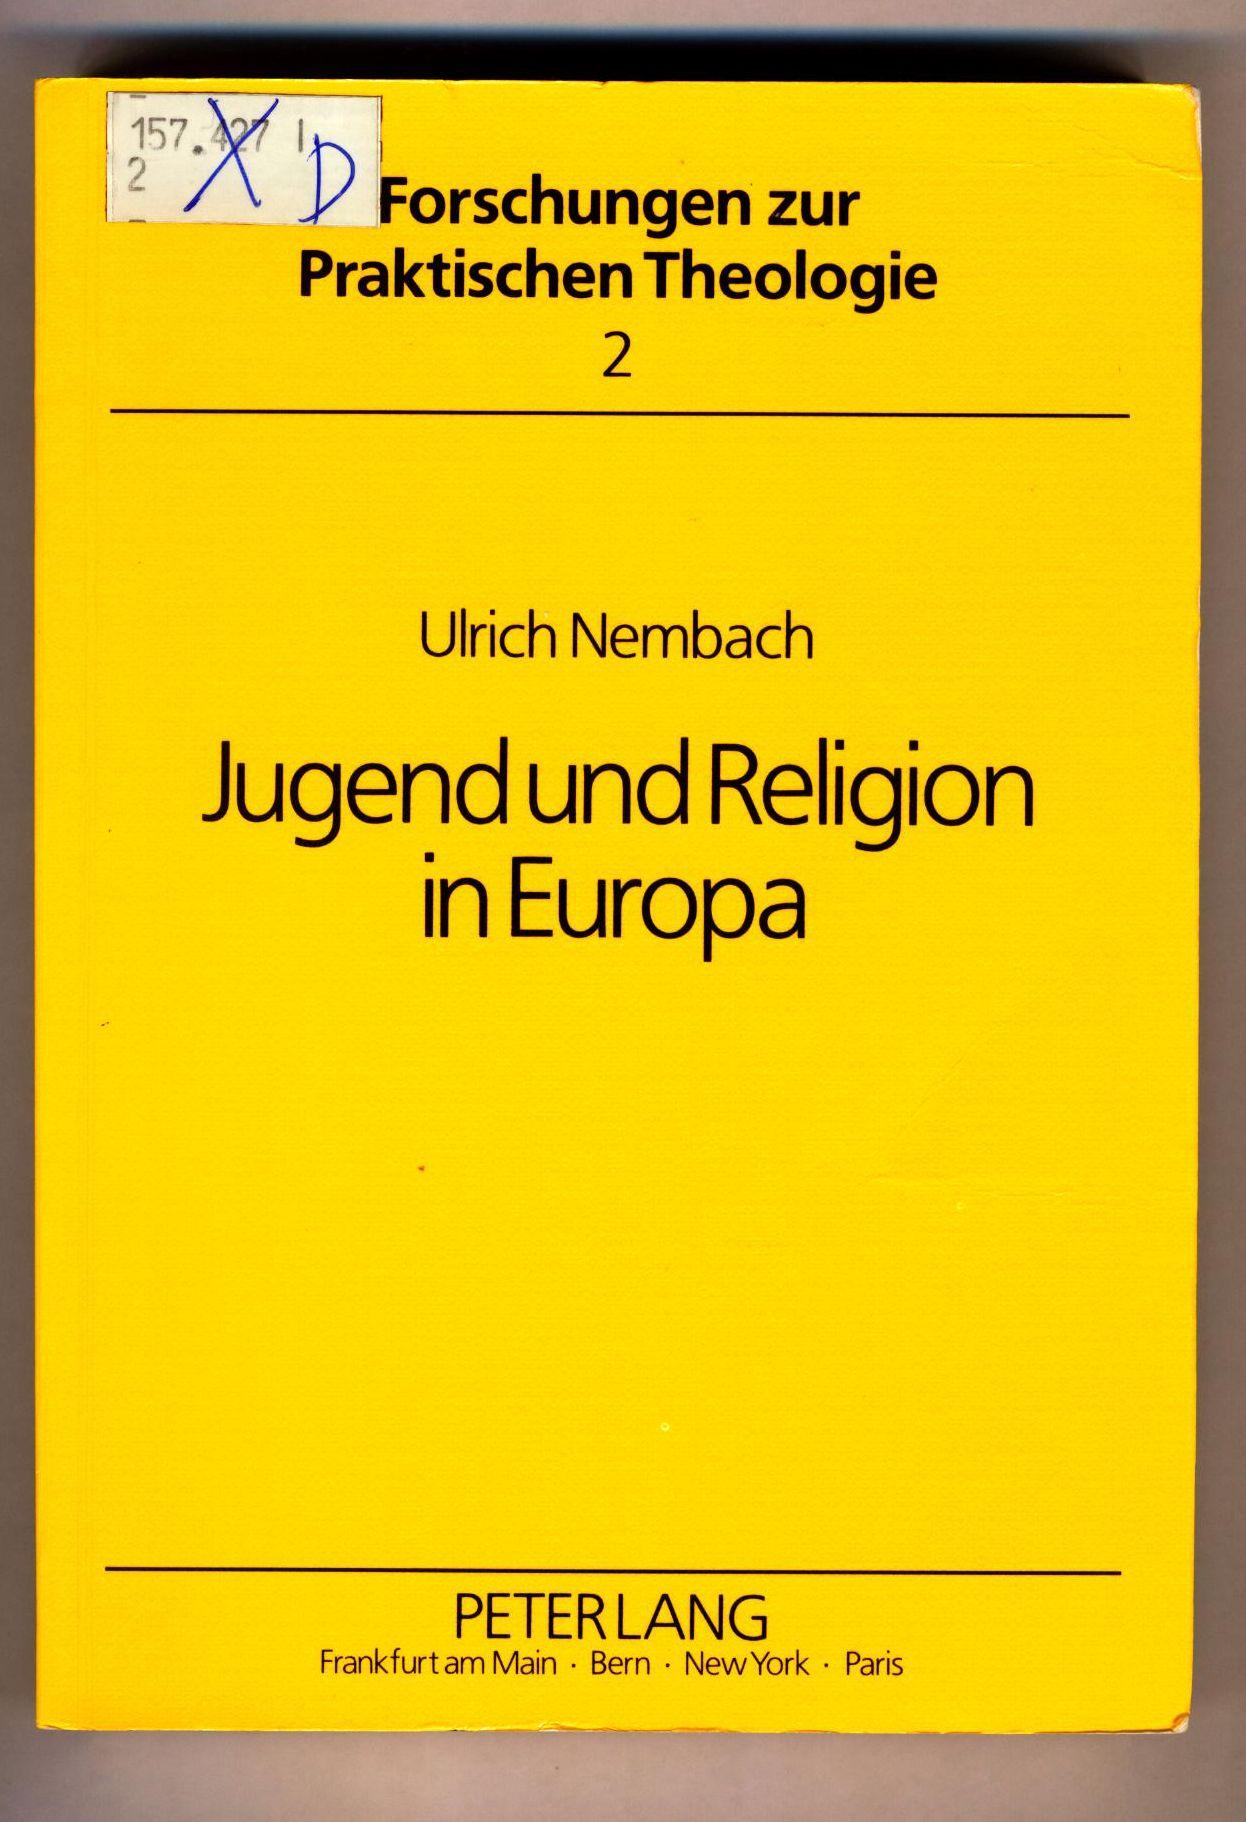 Jugend und Religion in Europa Forschungen zur: Nembach, Ulrich: